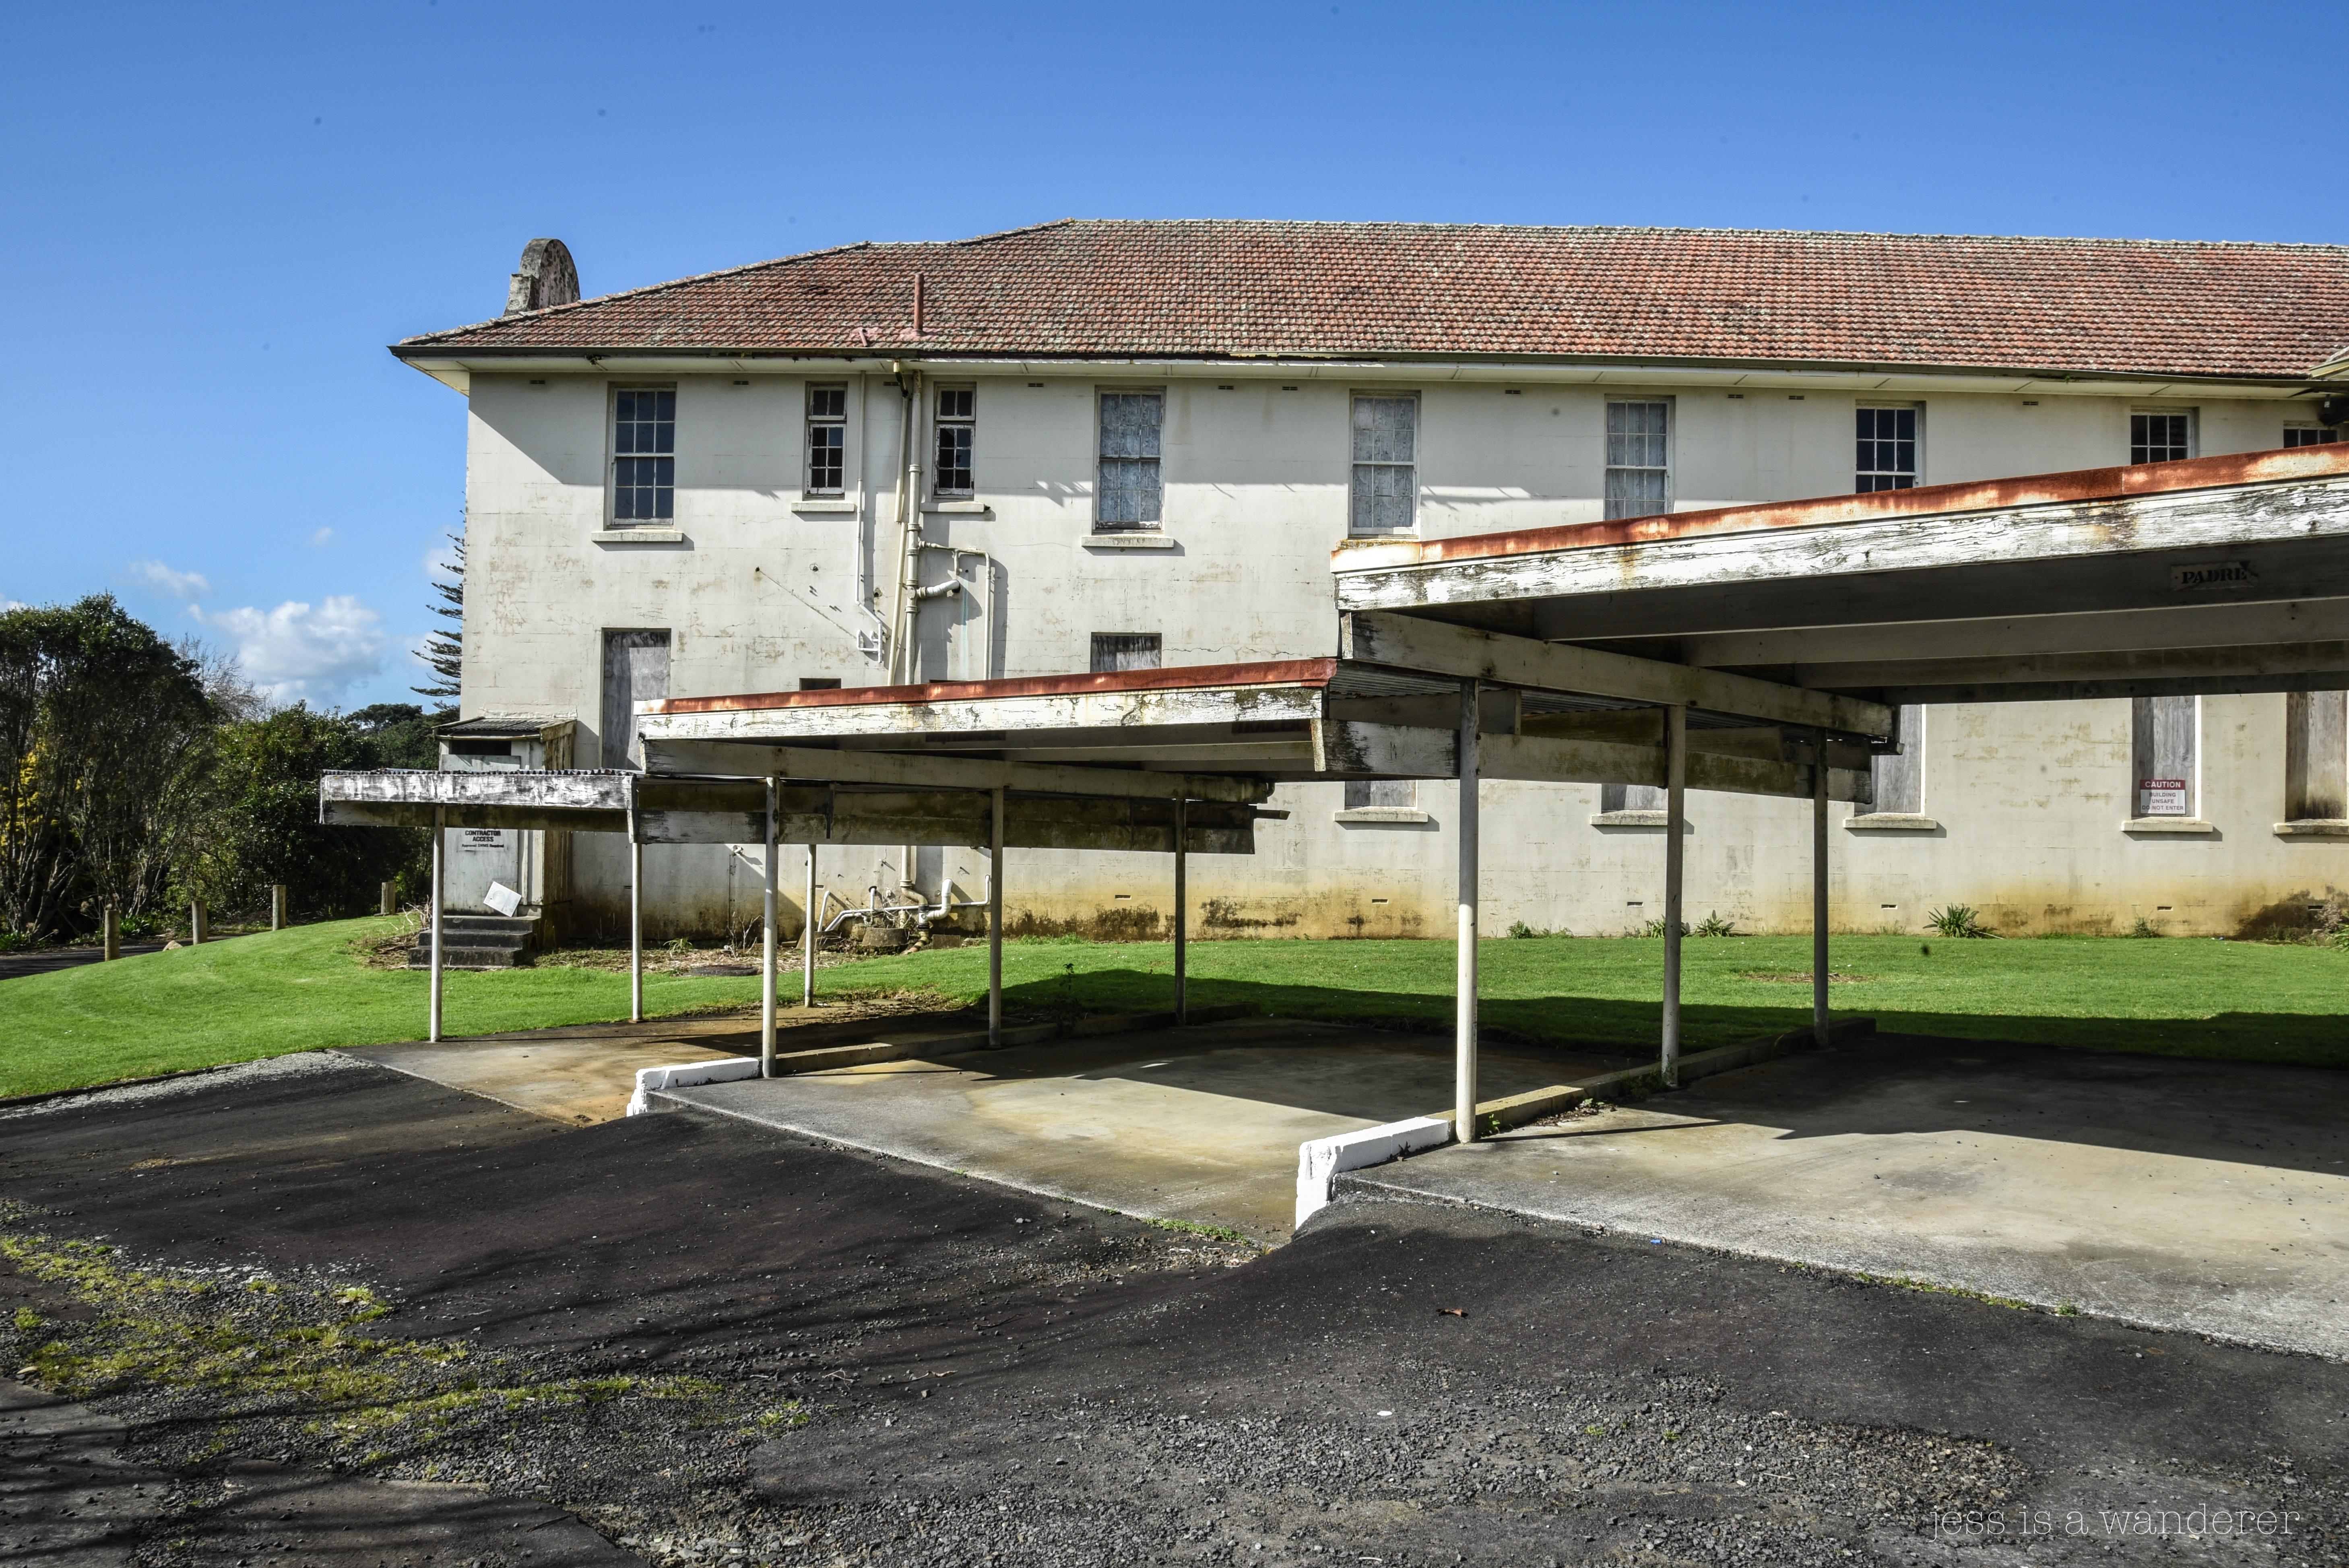 Former Car Port